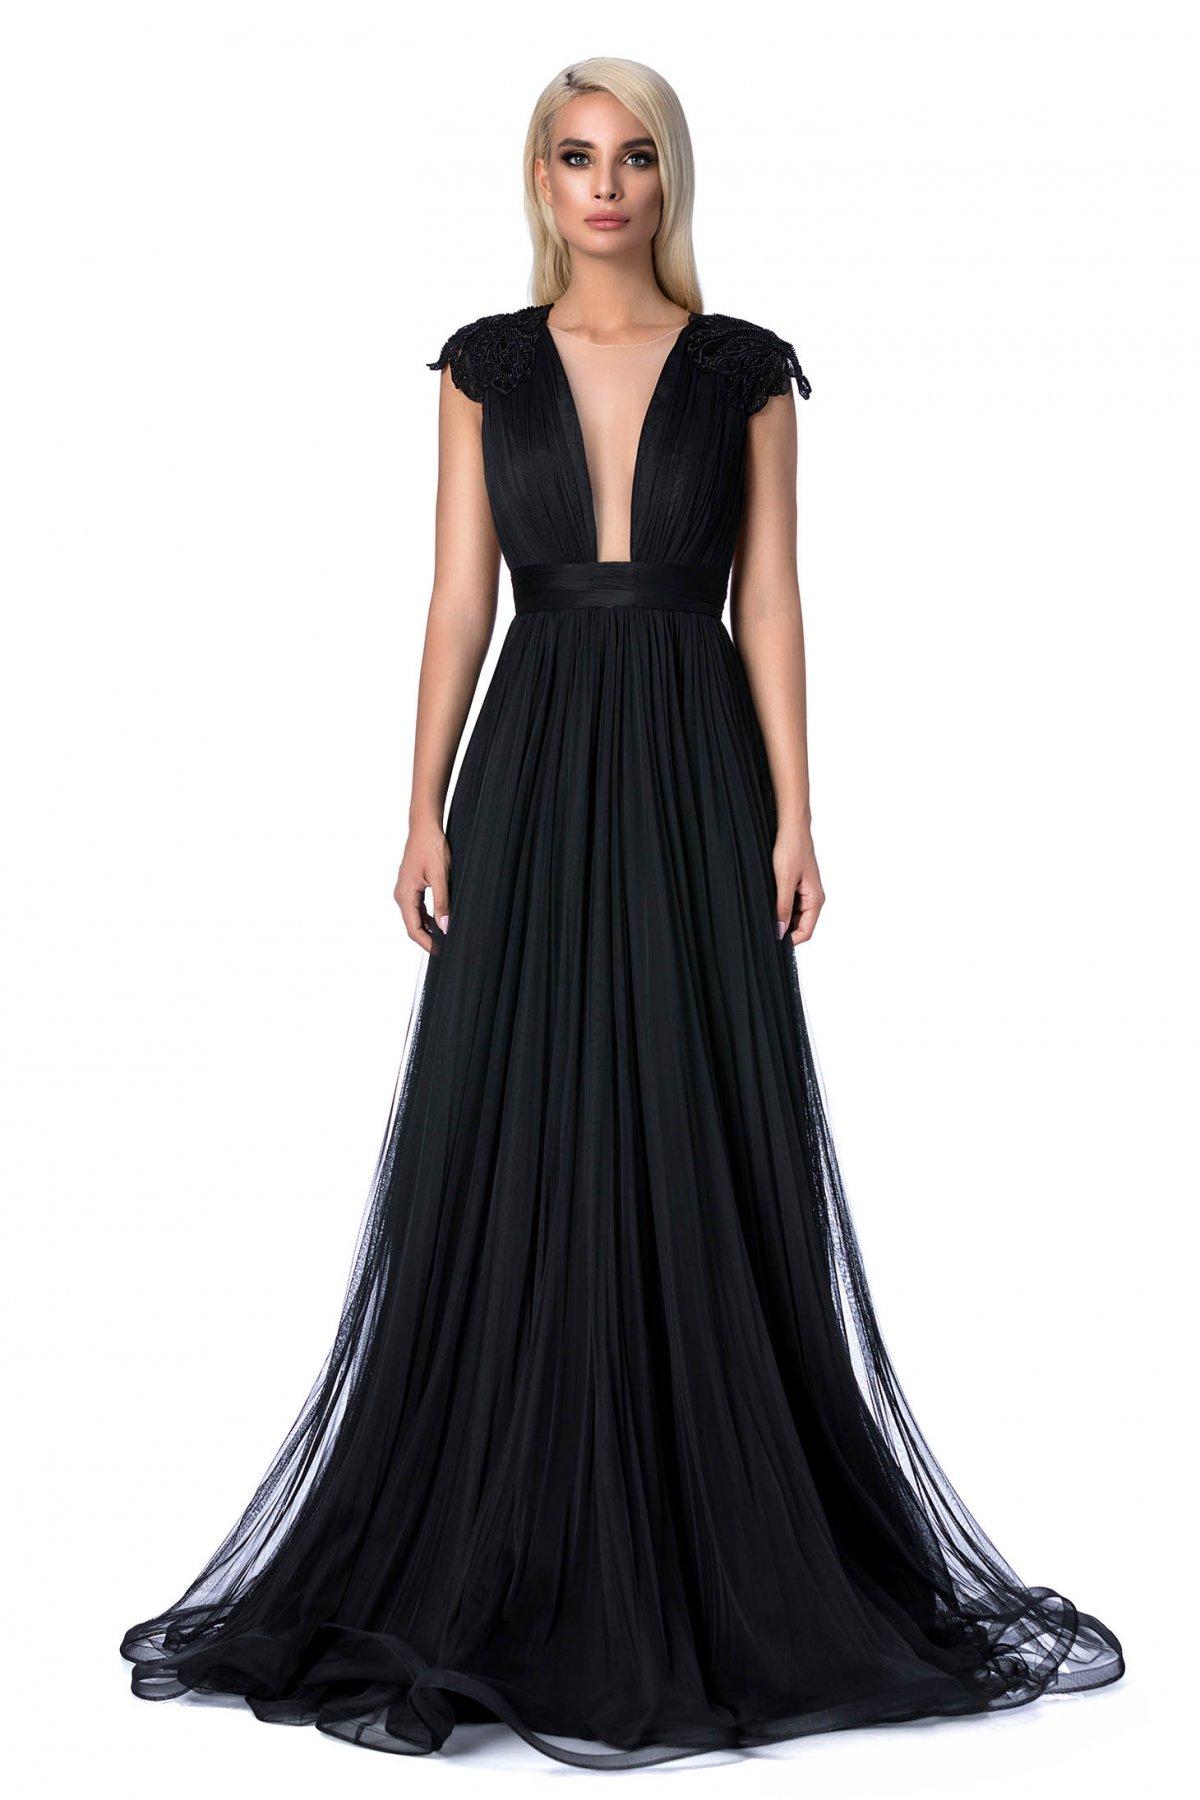 8fae6d2f21 Fekete Ana Radu alkalmi harang ruha gyöngyös díszítés hímzett betétekkel szivacsos  mellrész